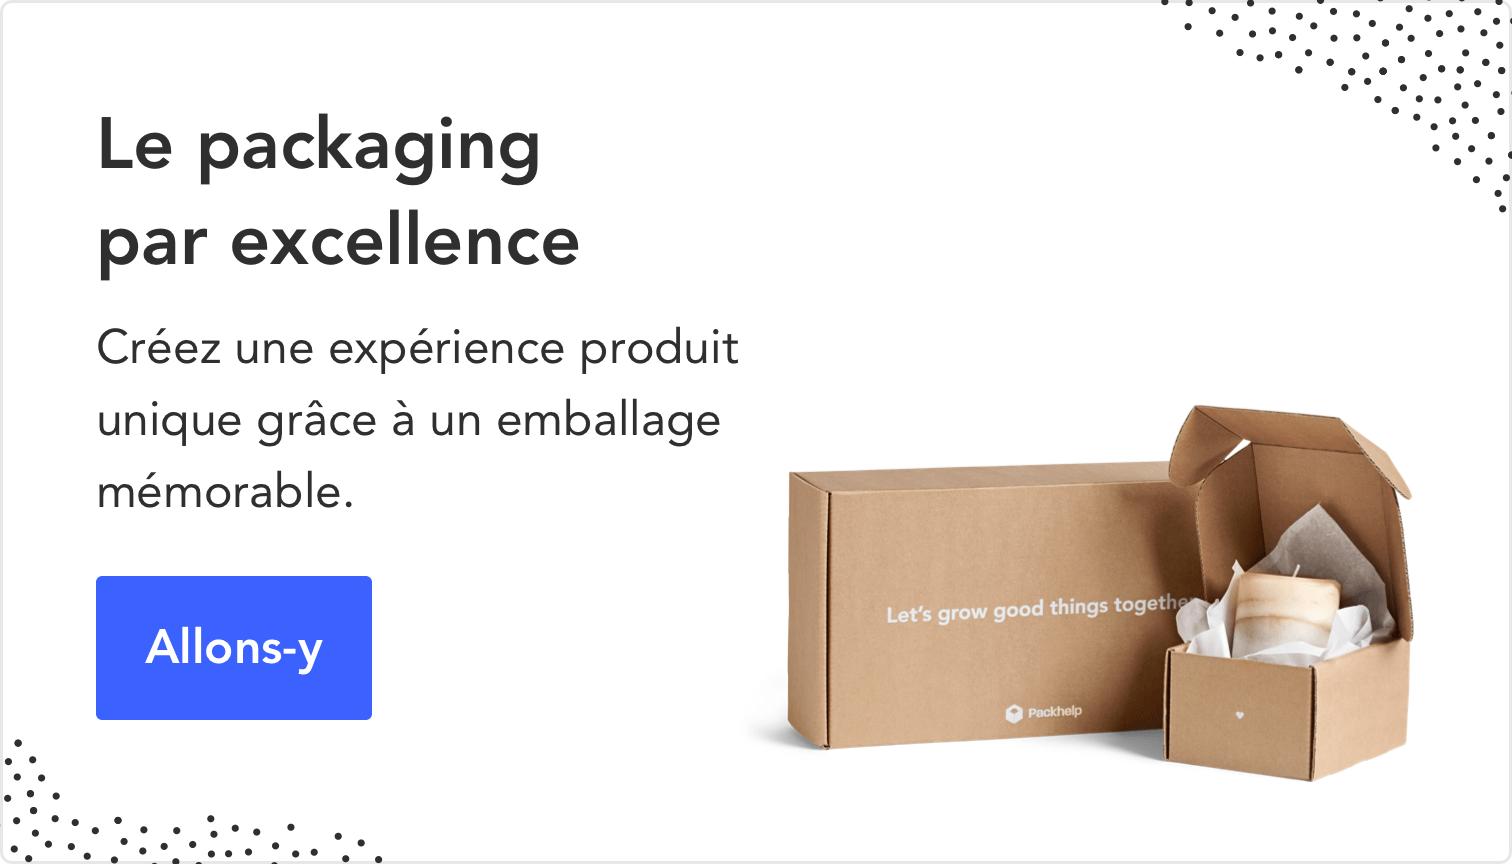 Packaging entièrement personnalisé avec Packhelp